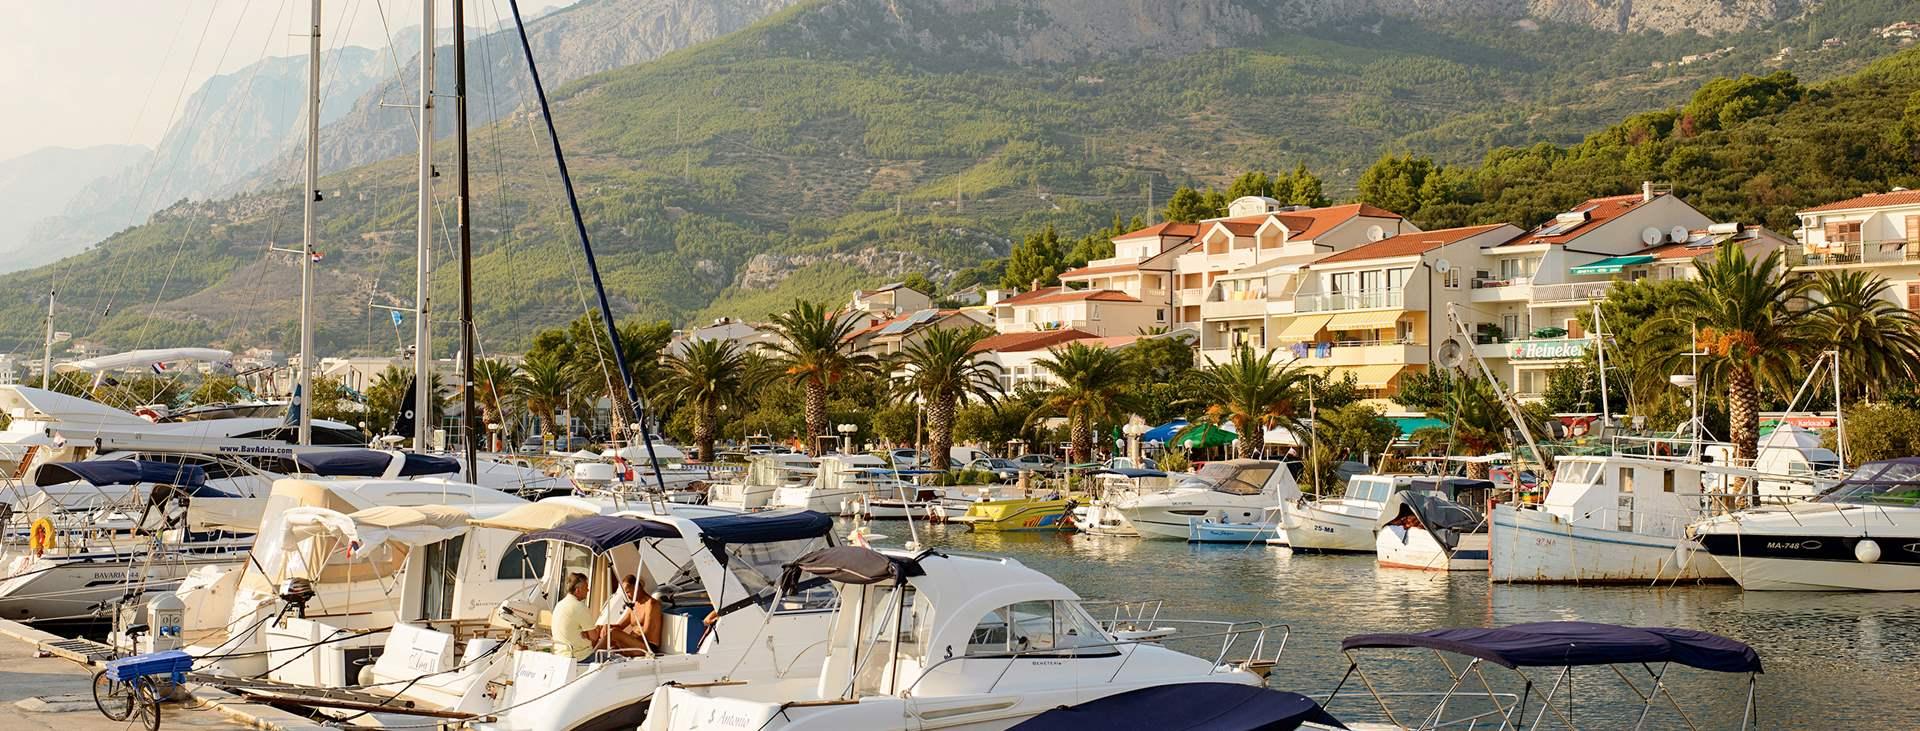 Resor till Tucepi på Makarska rivieran i Kroatien